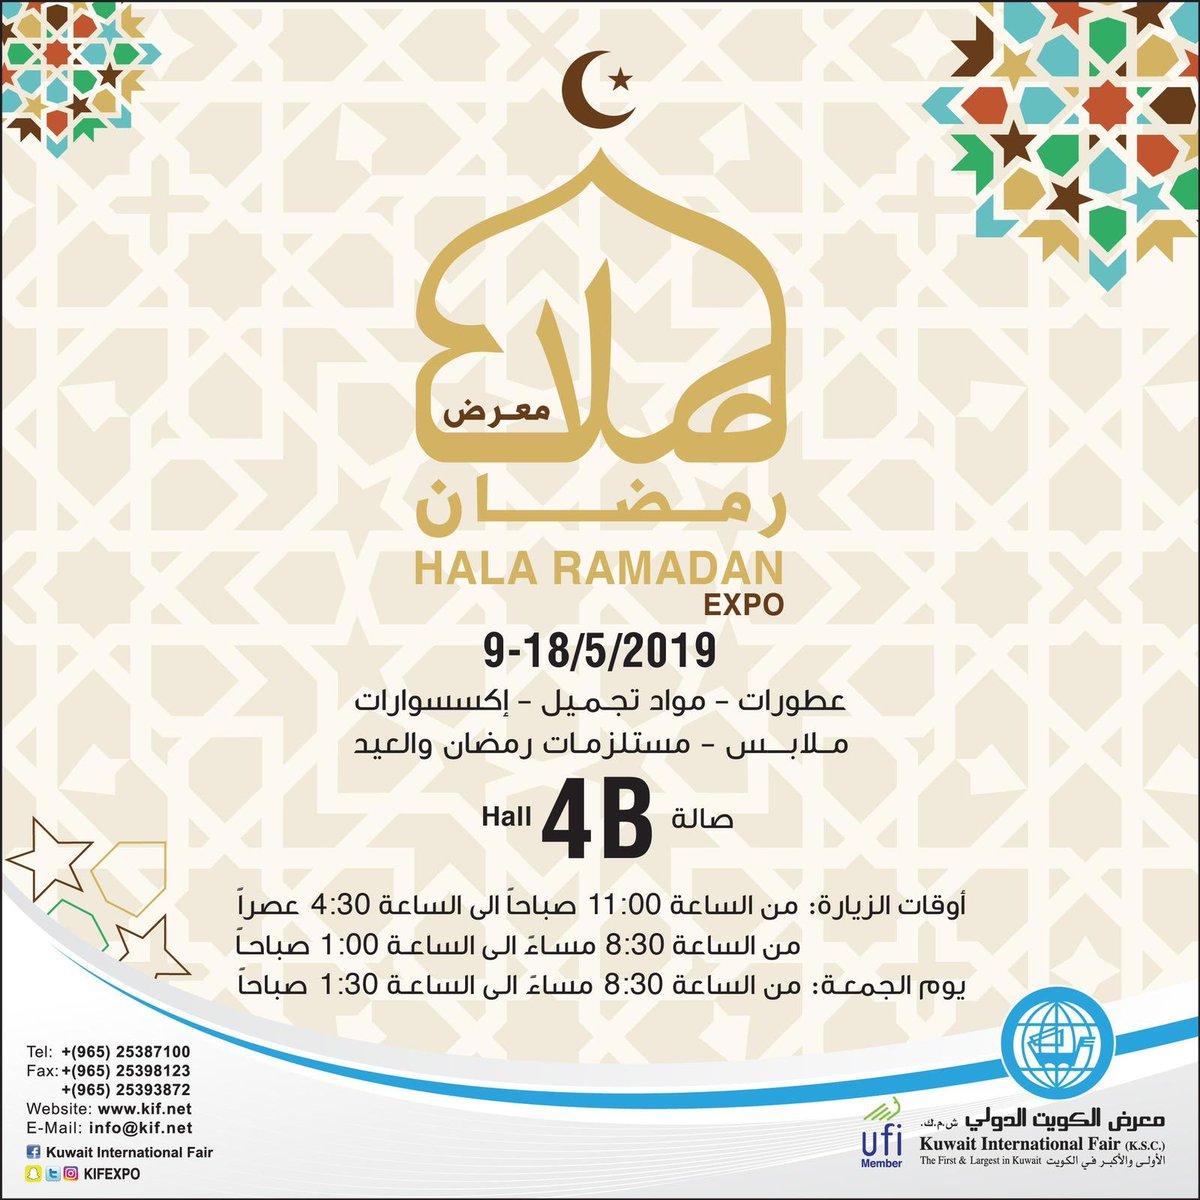 معرض هلا رمضان